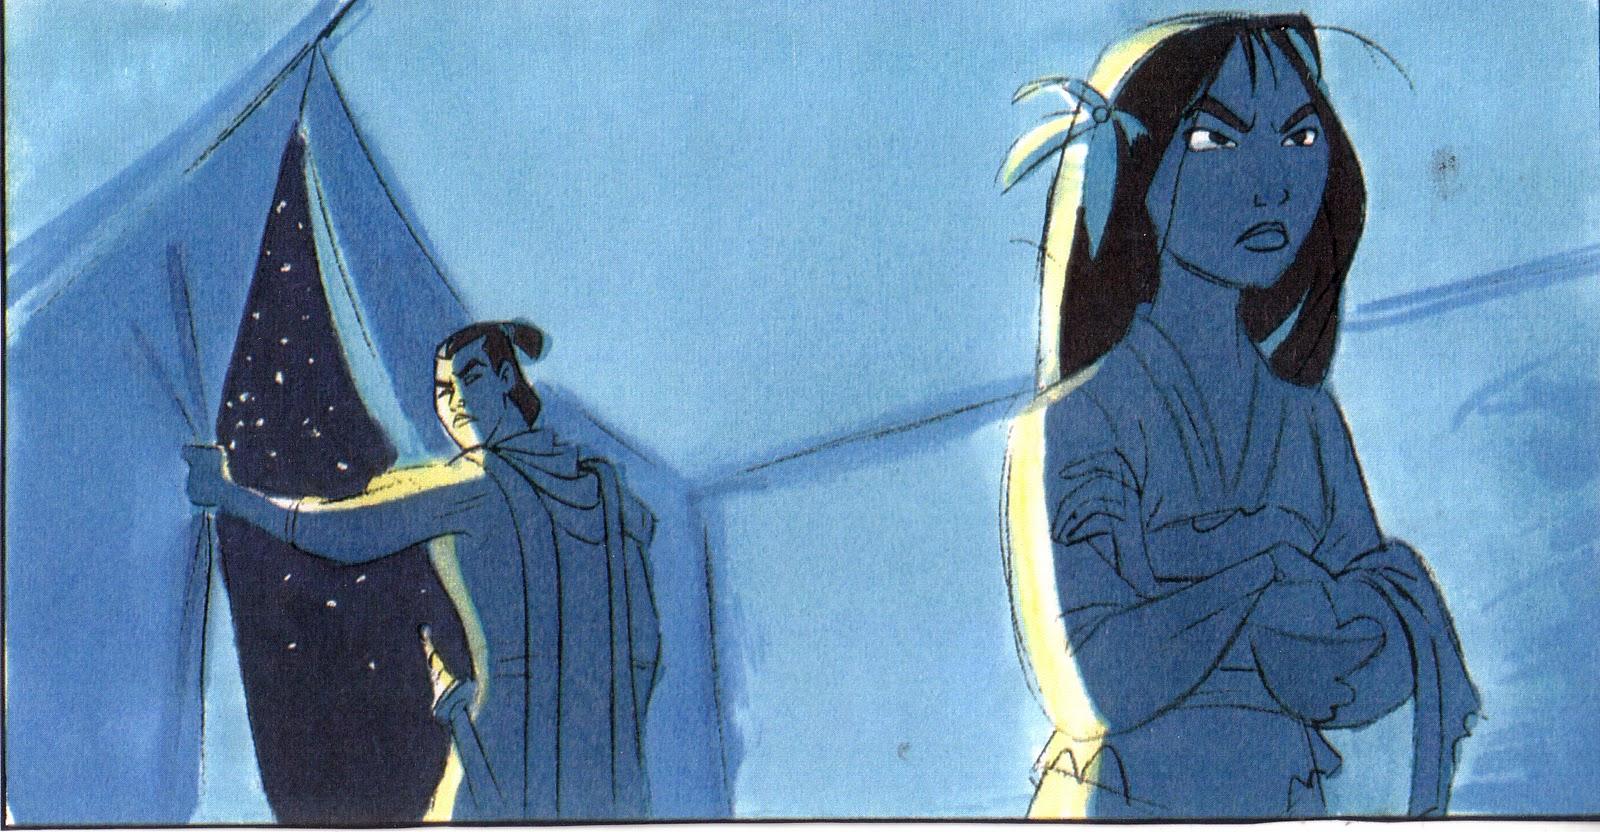 Mulan 2 concept art